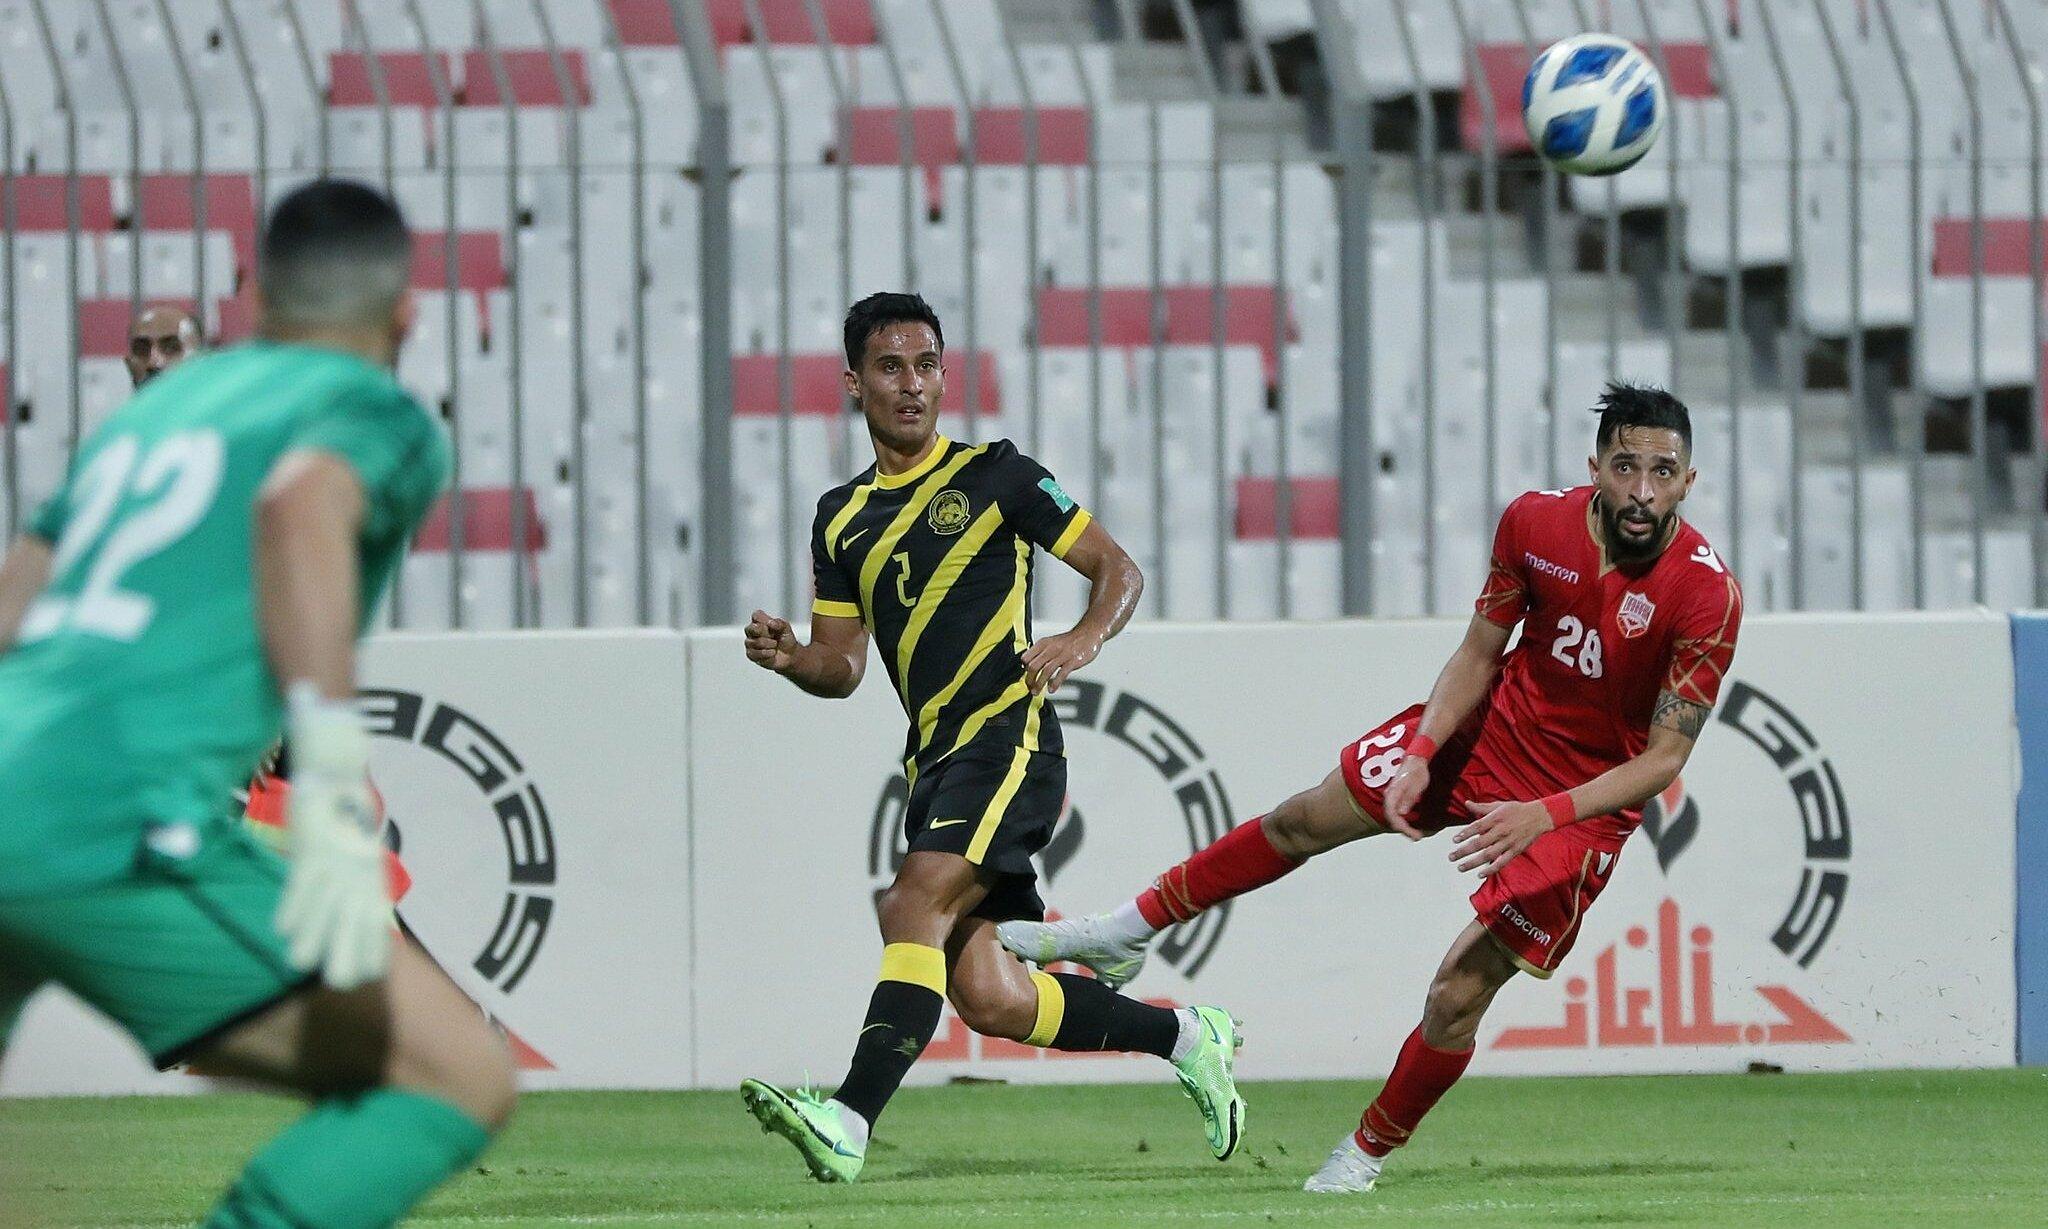 Trước Bahrain (áo đỏ), Malaysia có tiến bộ hơn so với trận thua đậm Kuwait hôm 23/5, nhưng vẫn nhận thêm một thất bại. Ảnh: FAM